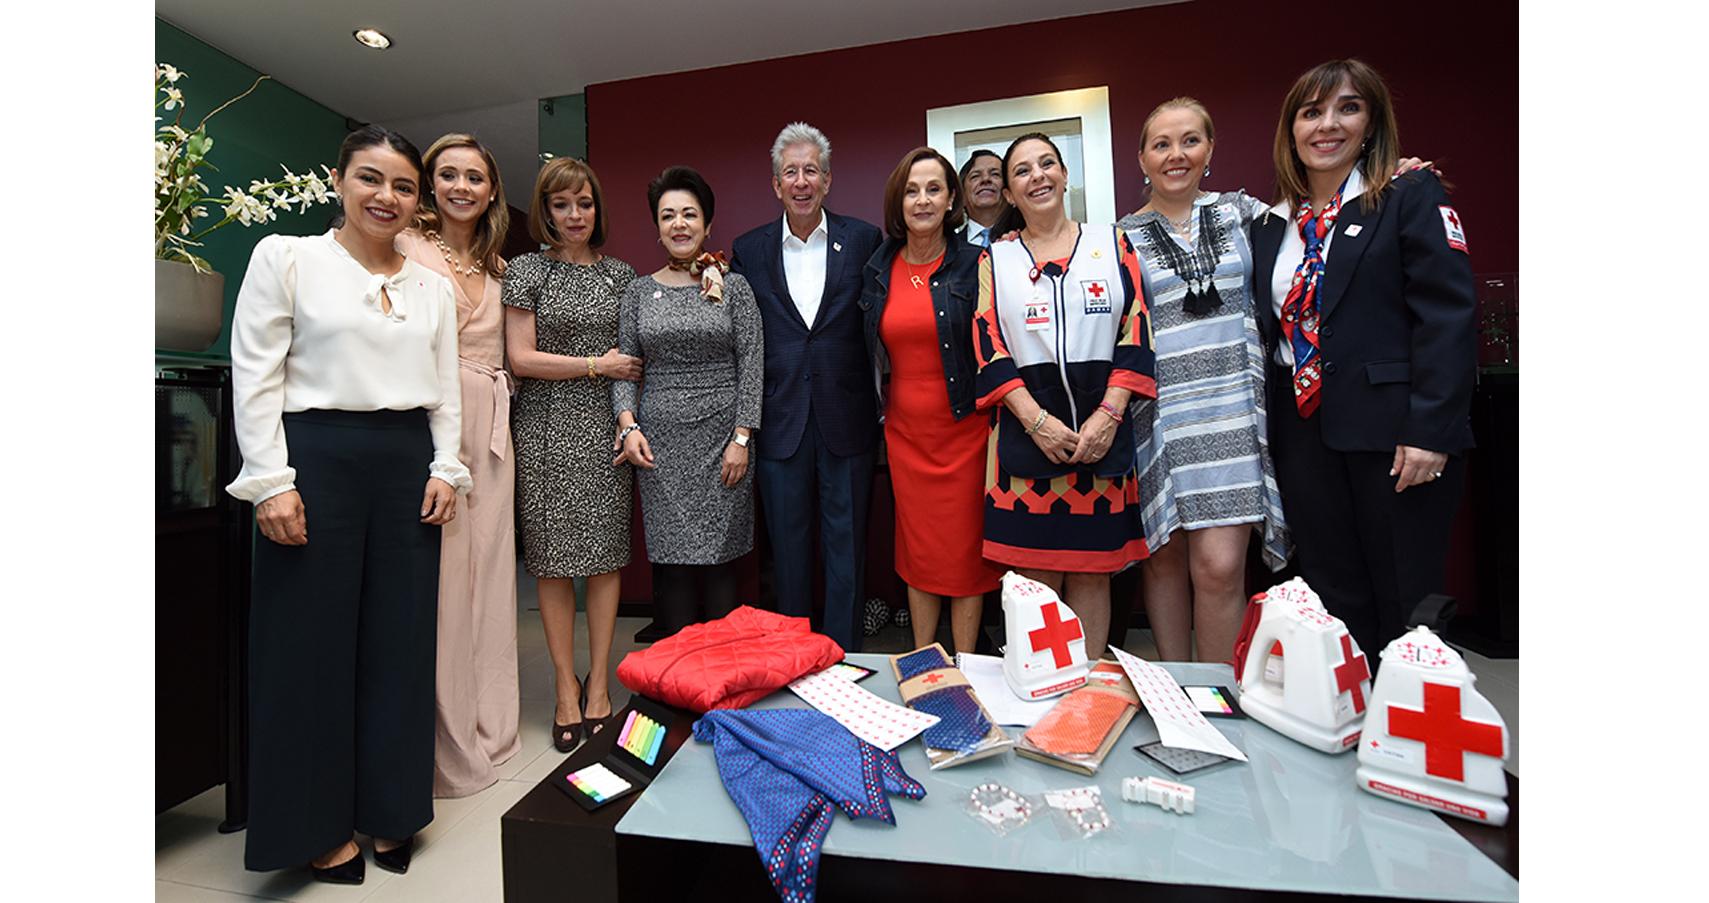 Impulso a Colecta Nacional 2018 de la Cruz Roja Mexicana en SCT